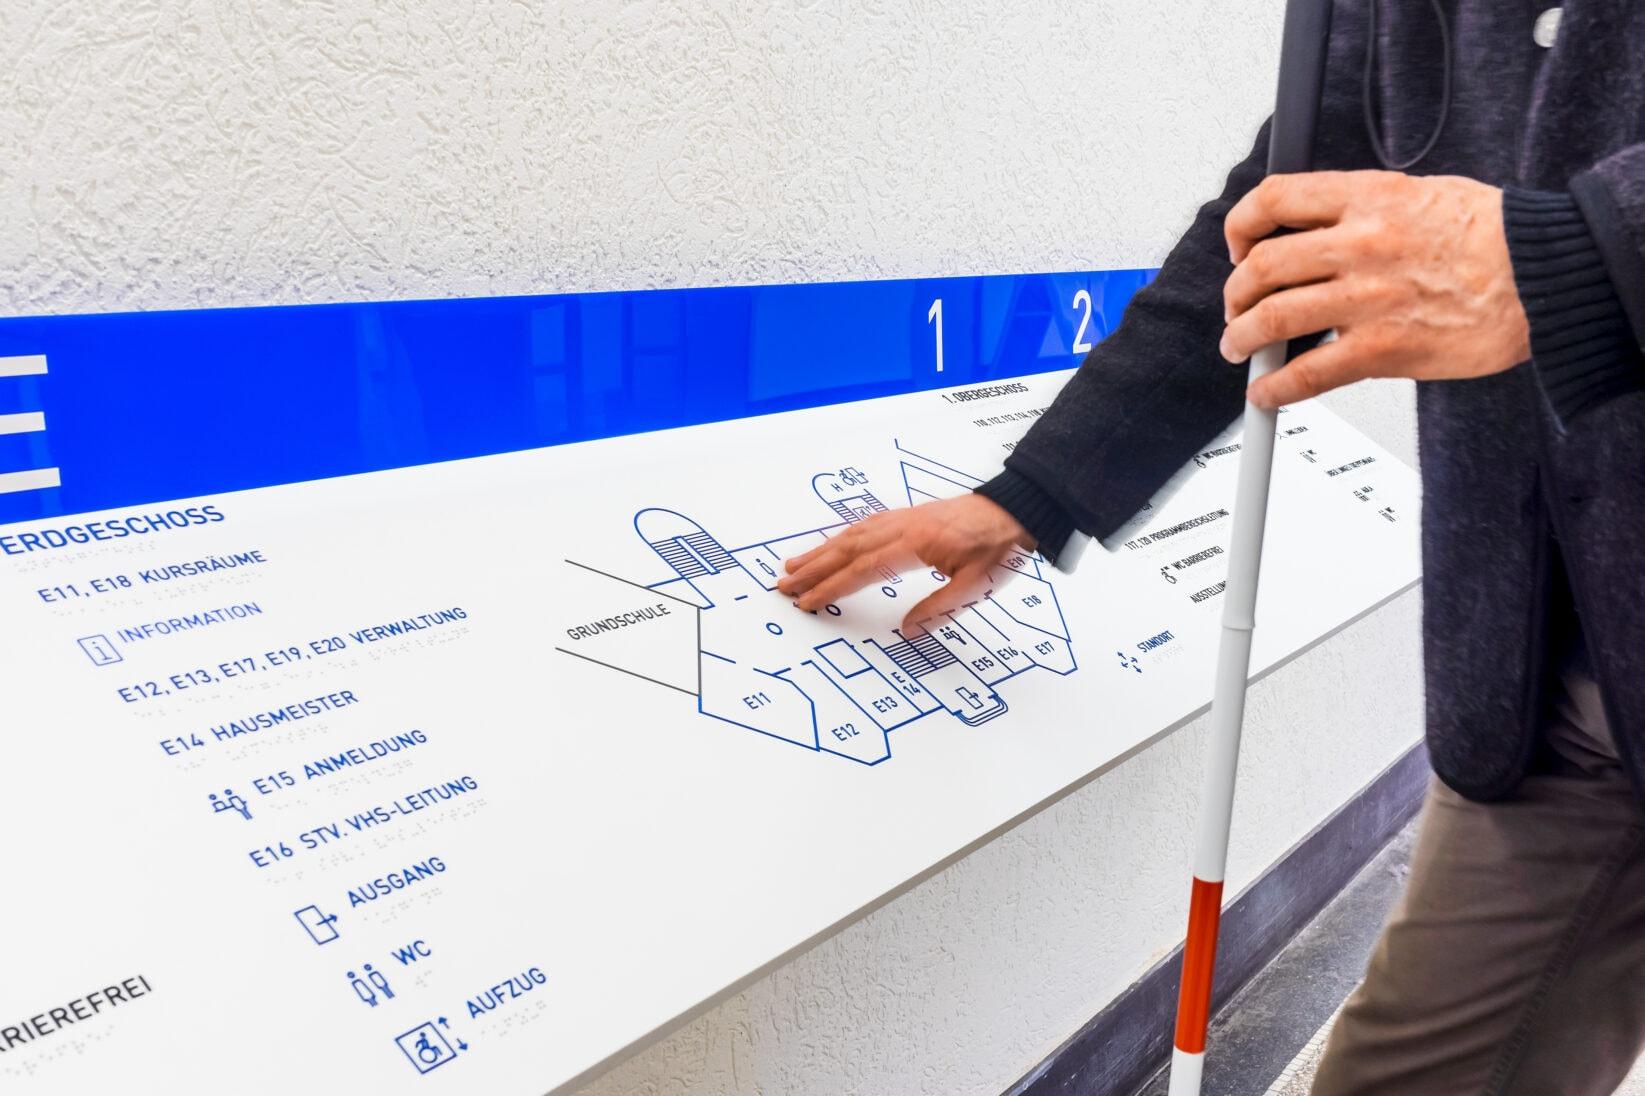 Ein tastbares Leitschild mit Braille